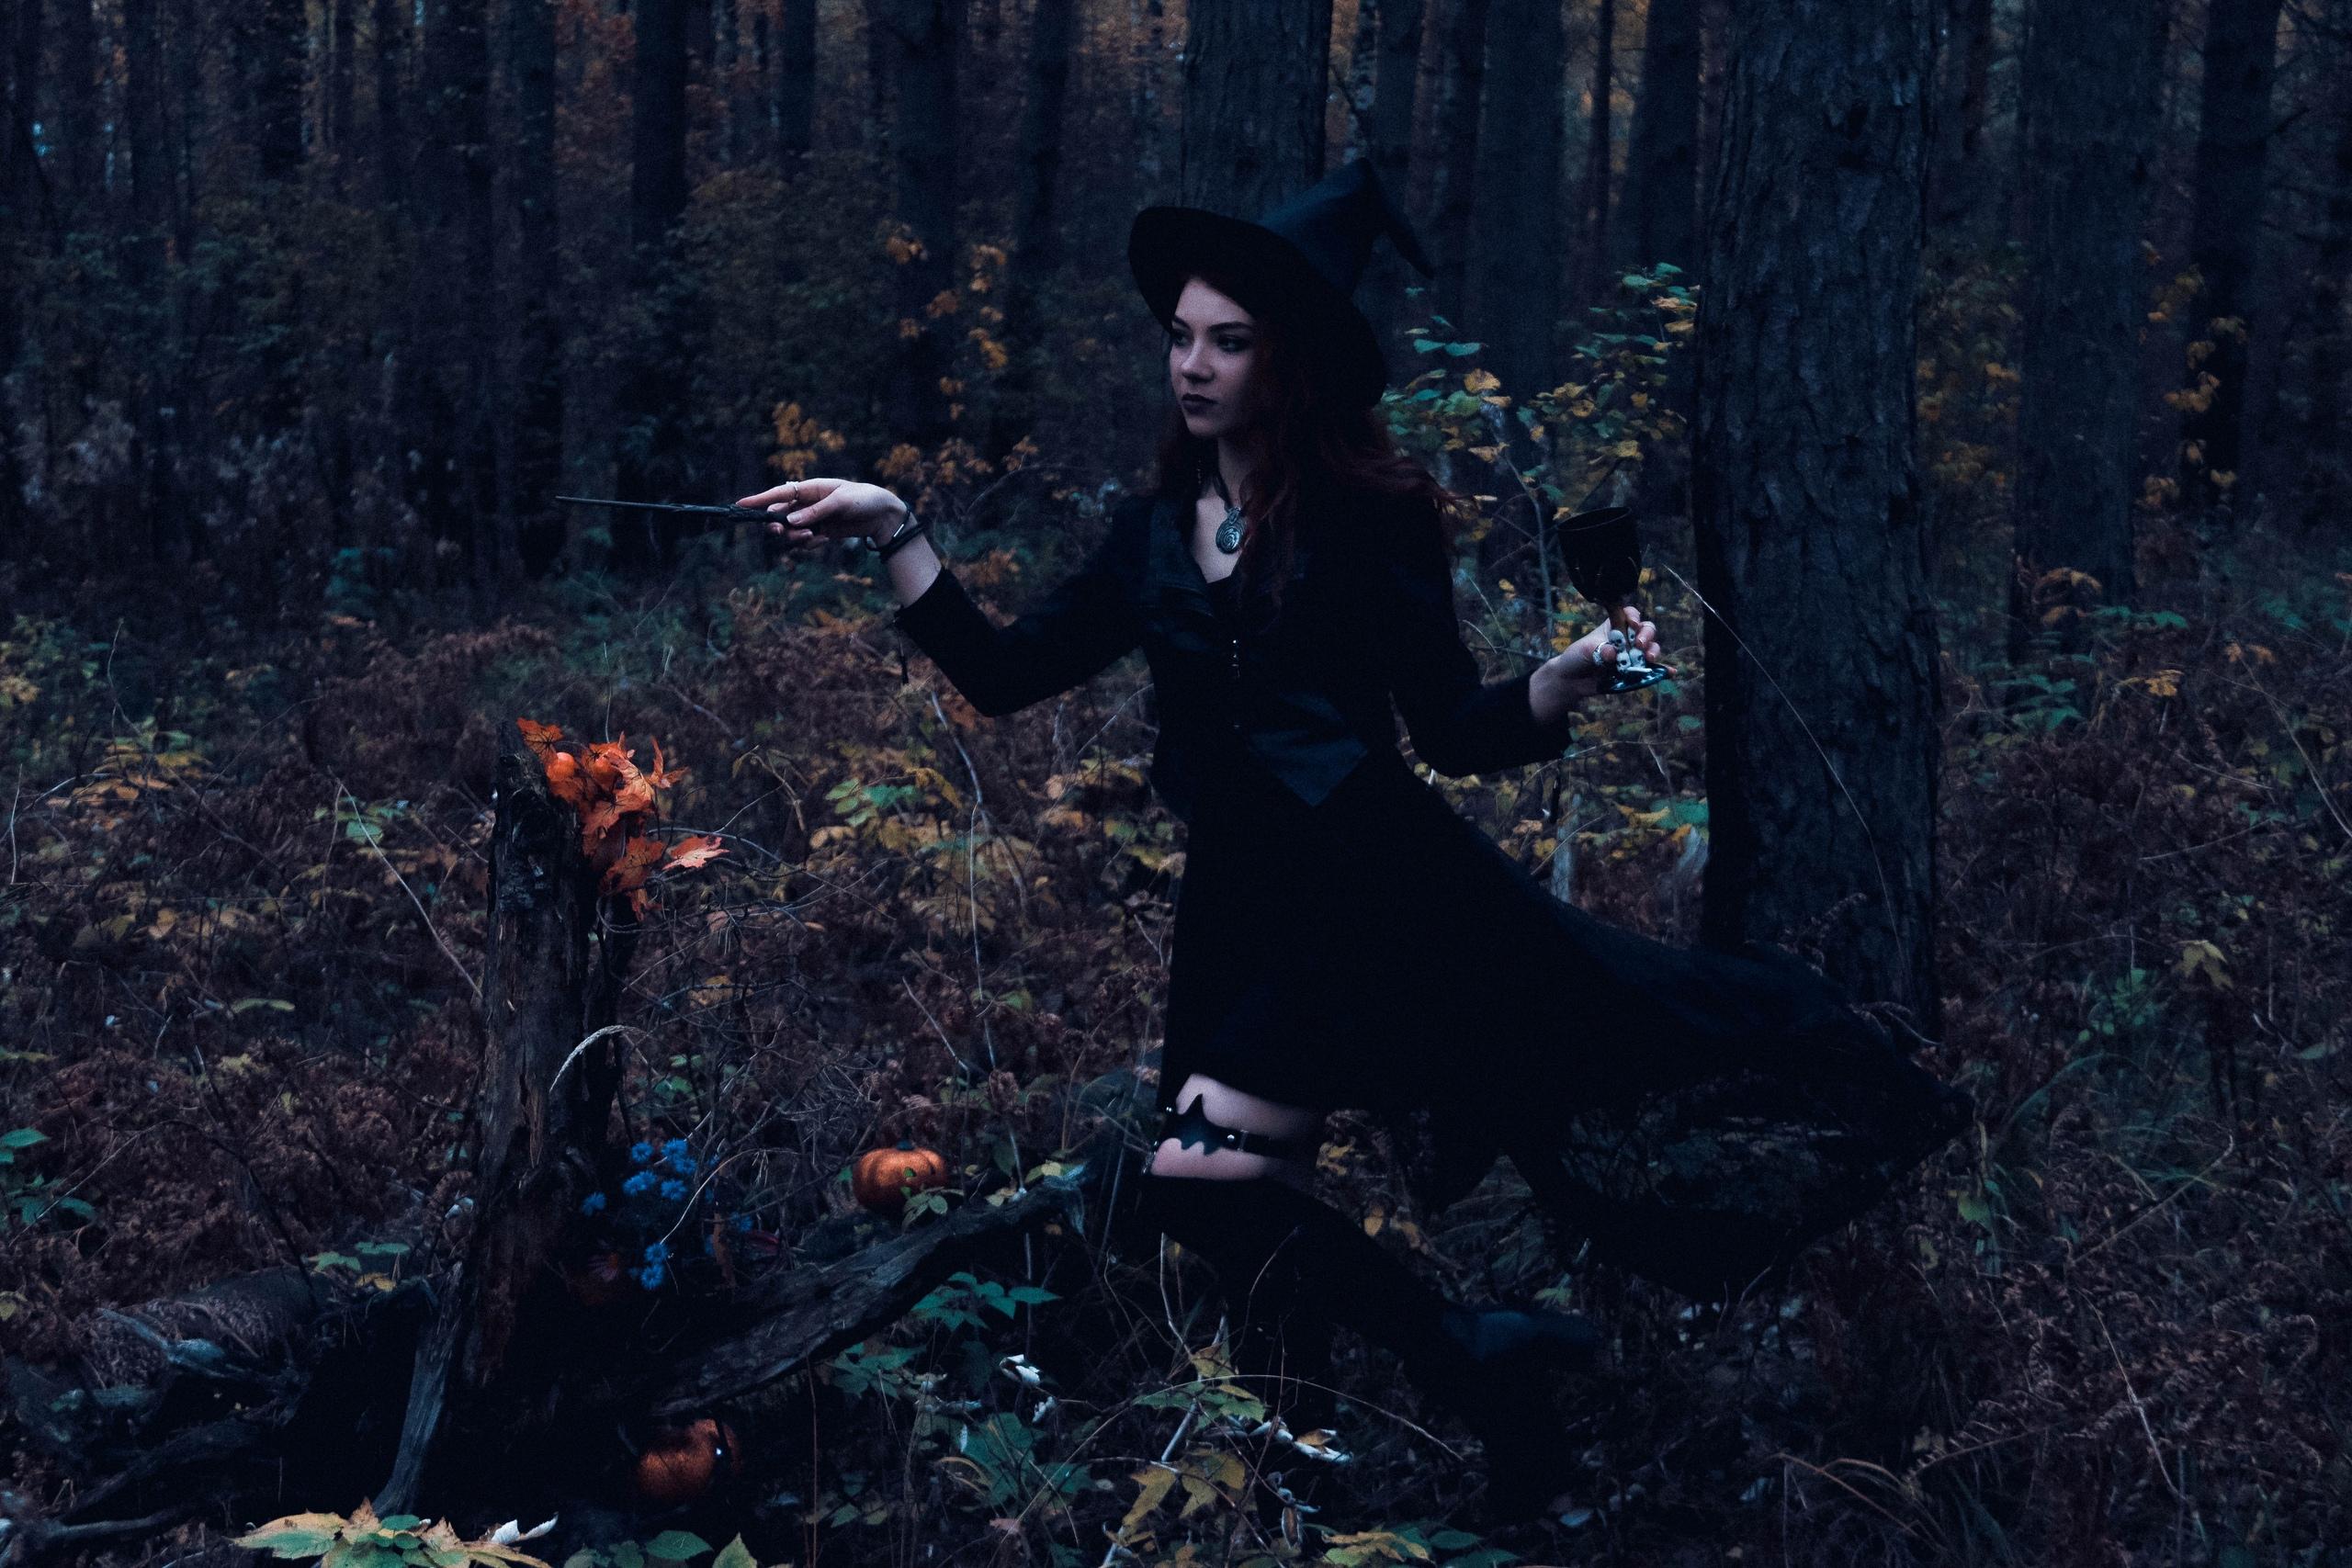 Если заблудился в лесу: памятка по выживанию в дебрях Тверской области